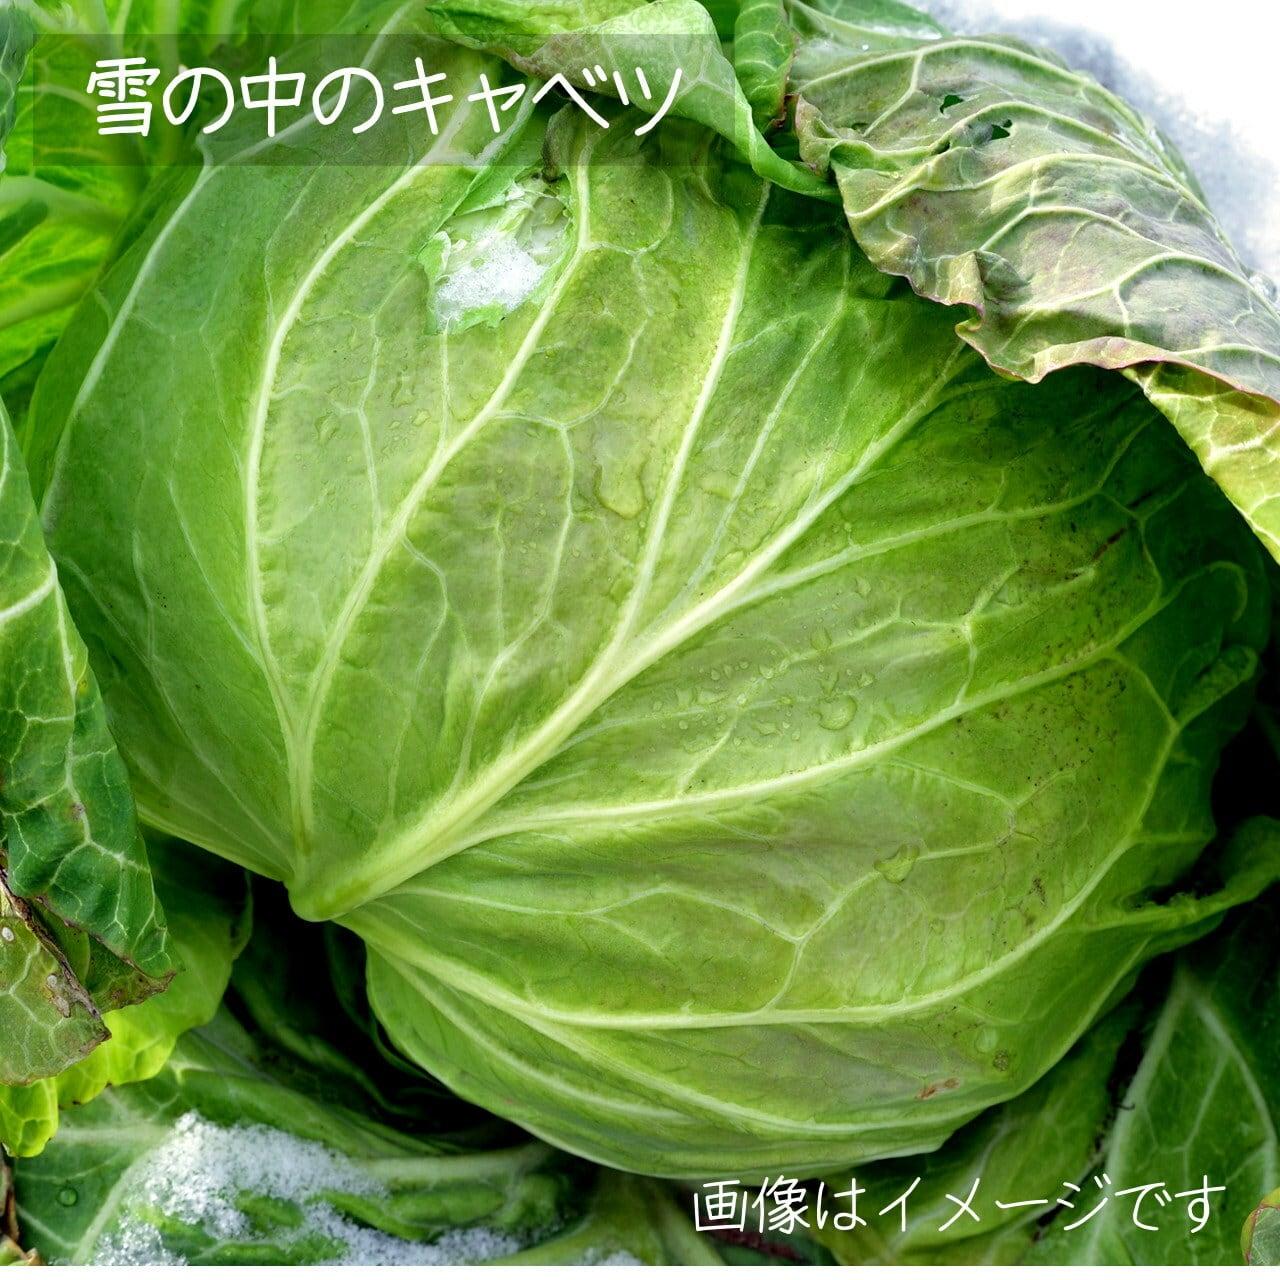 5月の朝採り直売野菜:キャベツ 1個 春の新鮮野菜 5月15日発送予定